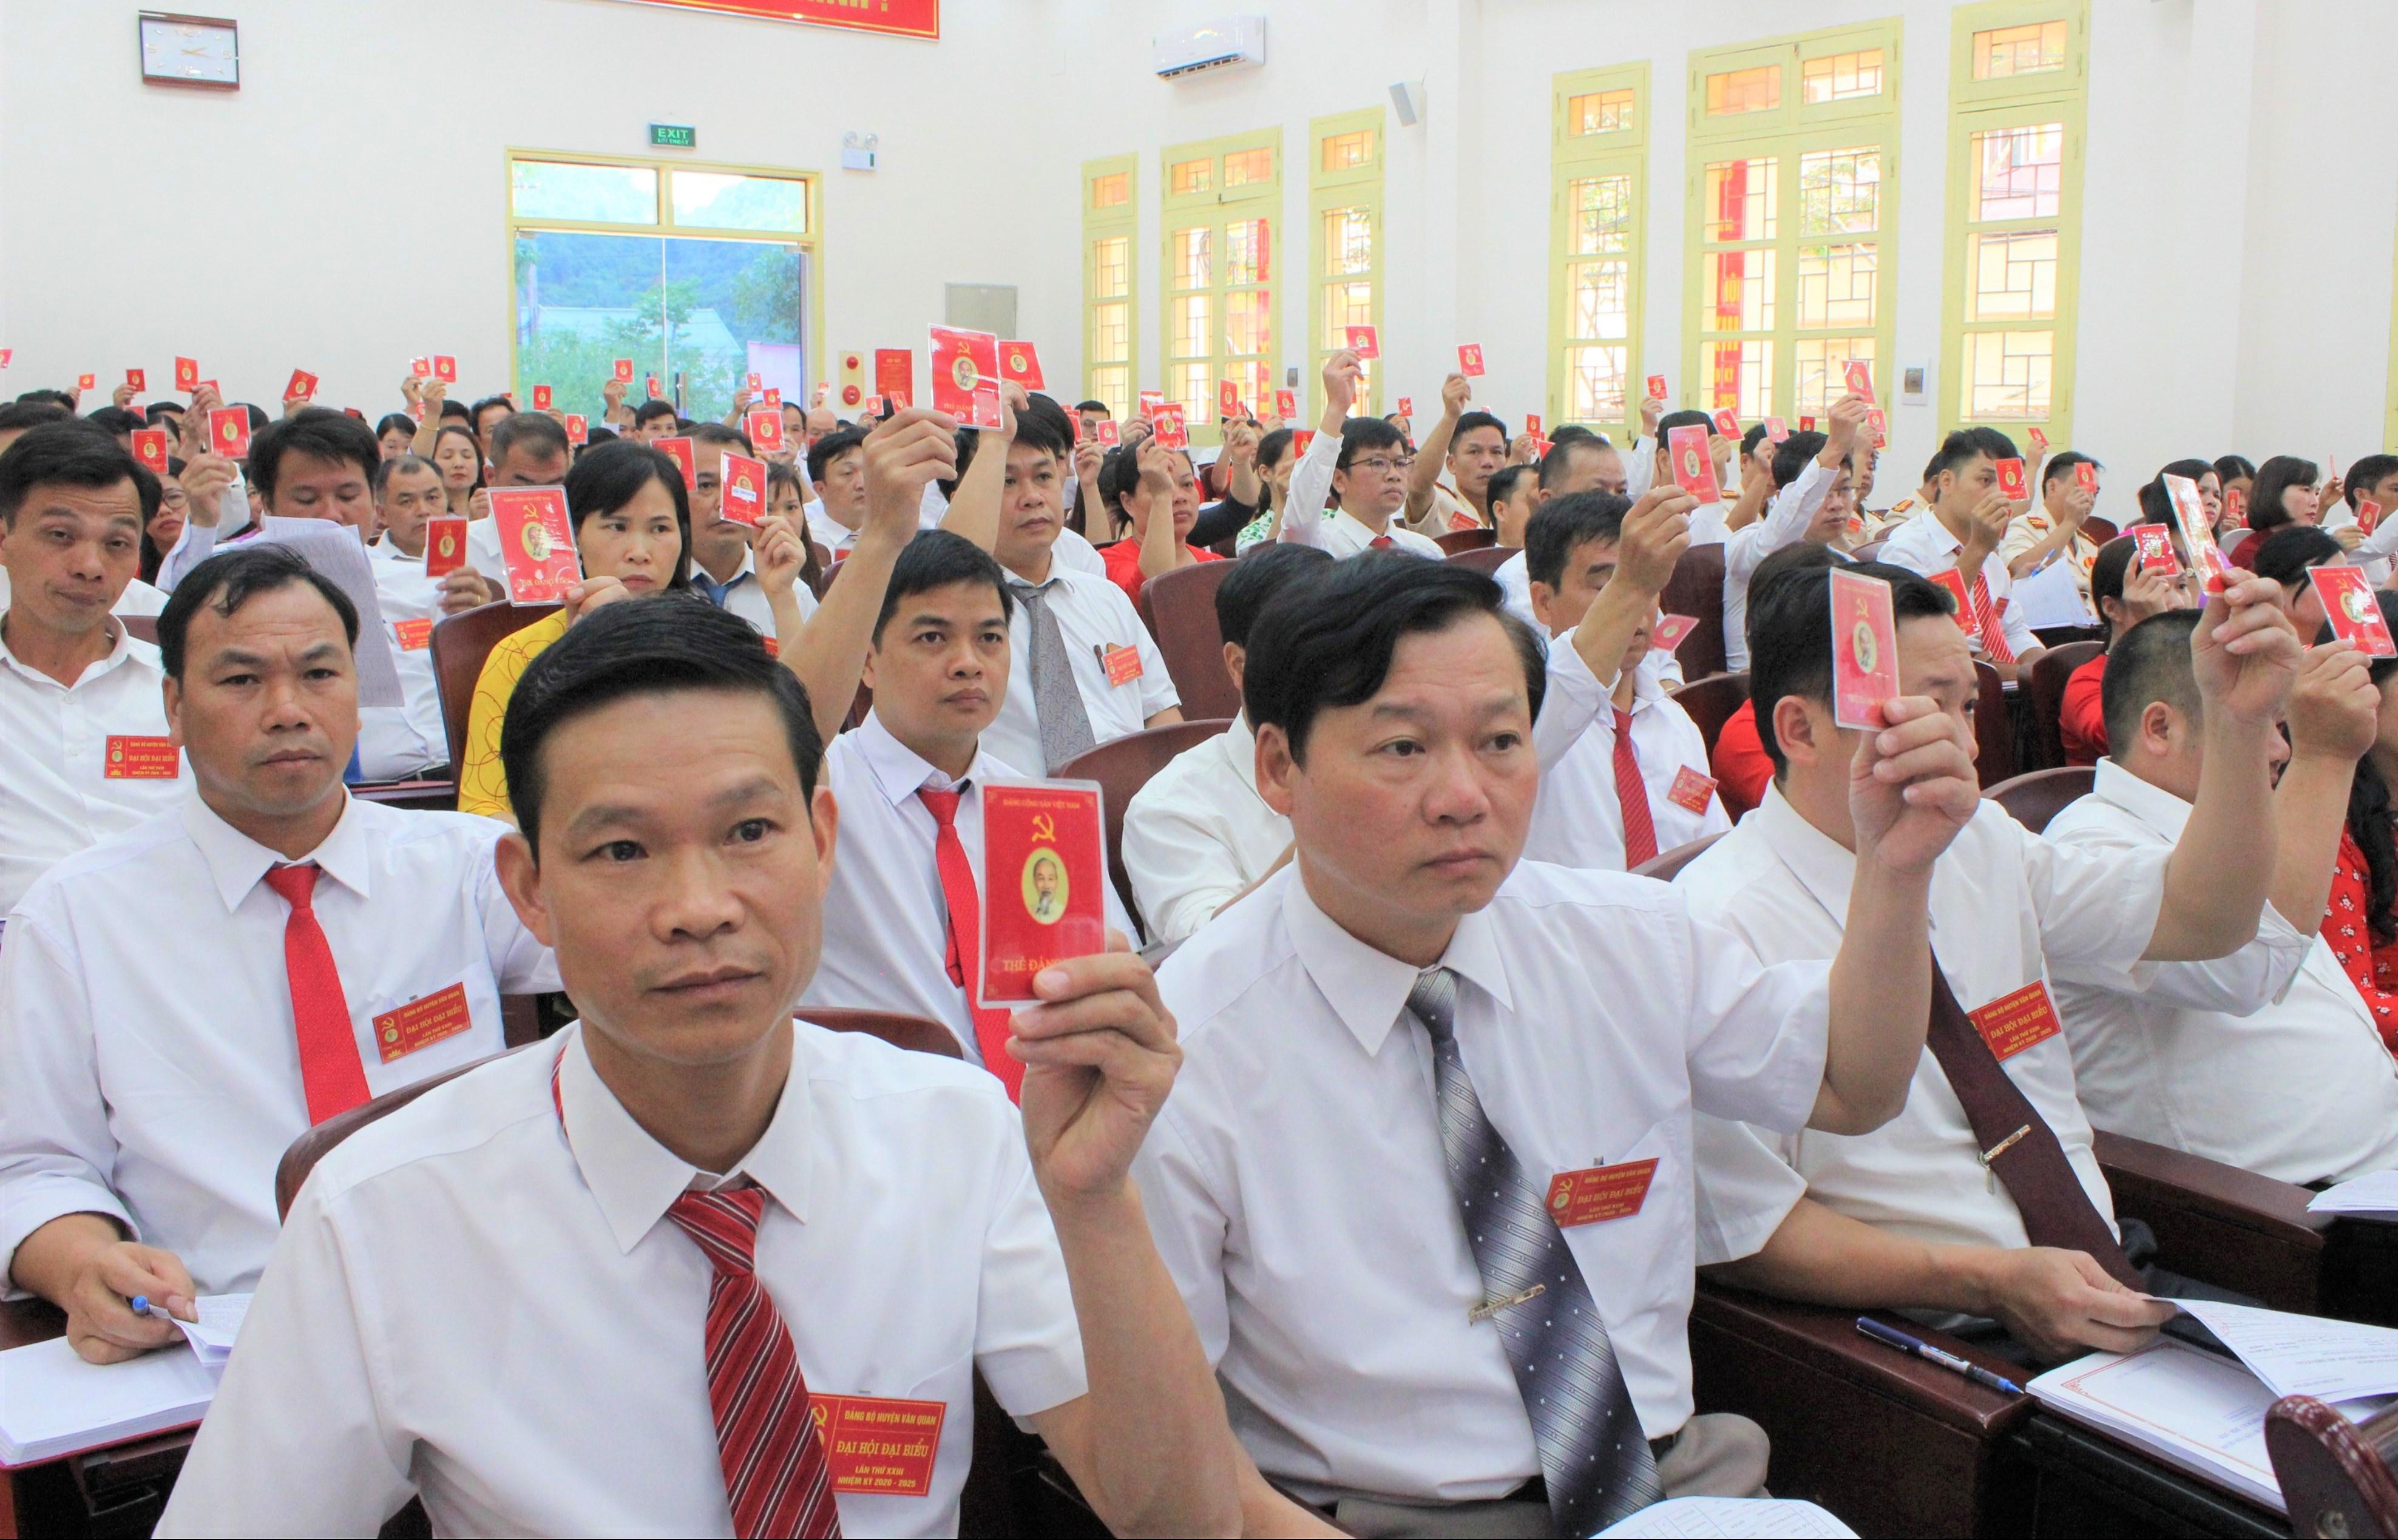 Đại biểu biểu quyết thông qua tờ trình nhân sự bầu Ban Chấp hành Đảng bộ huyện nhiệm kỳ 2020-2025.